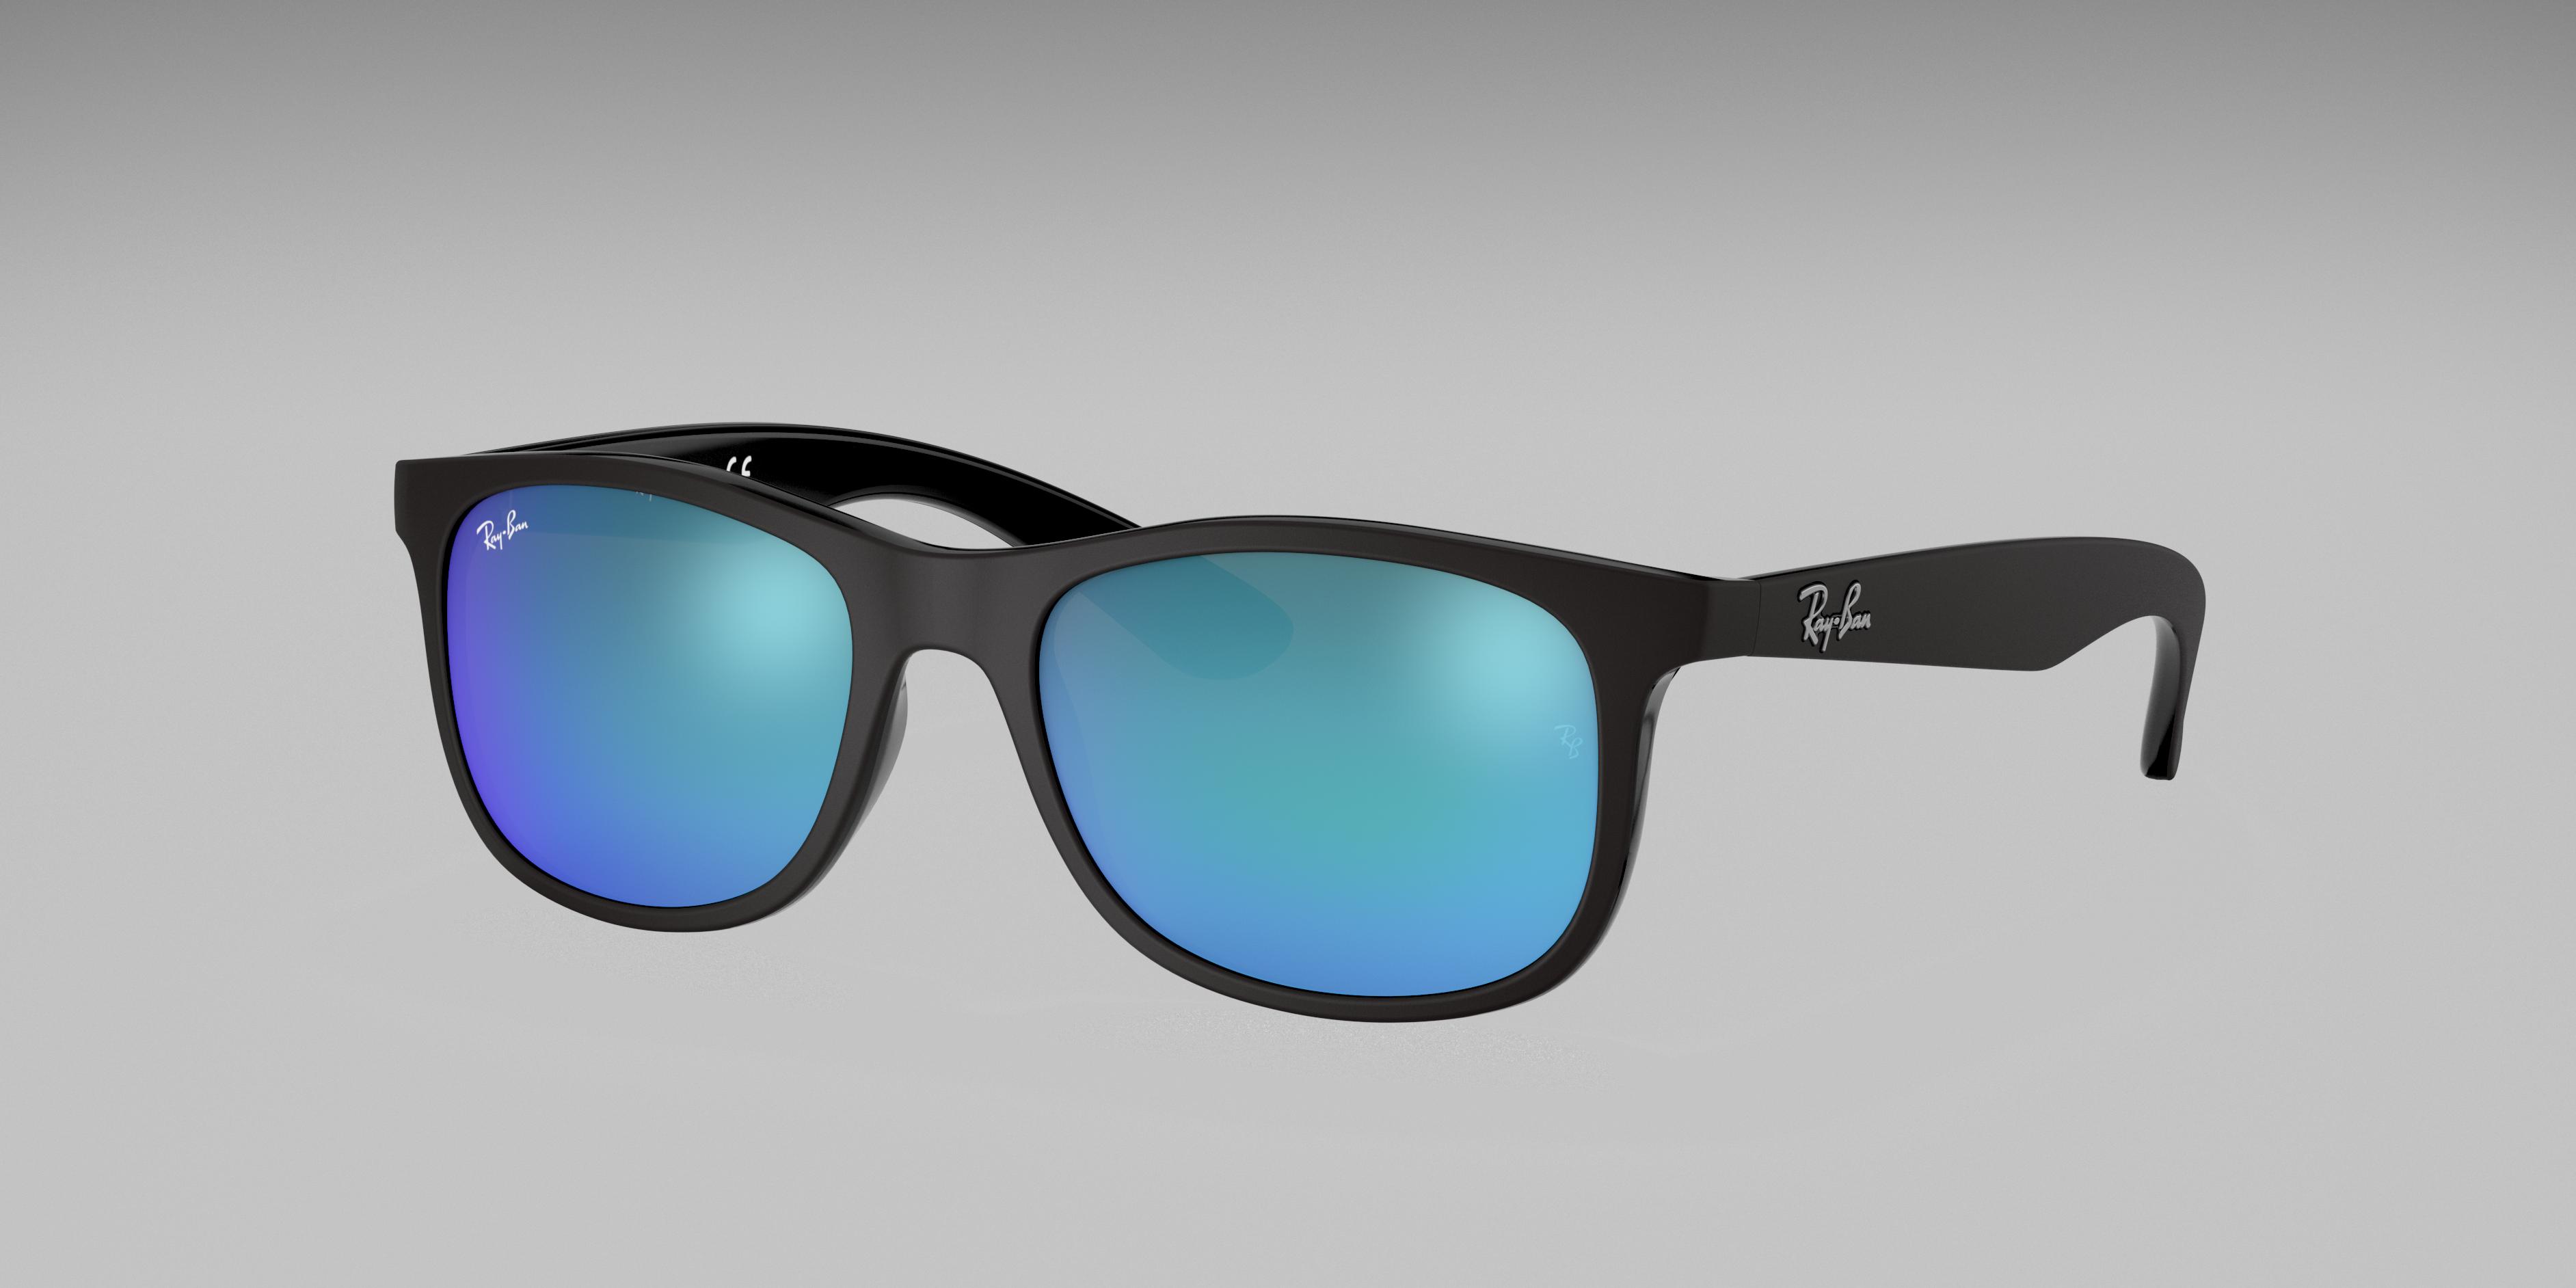 Ray-Ban Rj9062s Black, Blue Lenses - RJ9062S